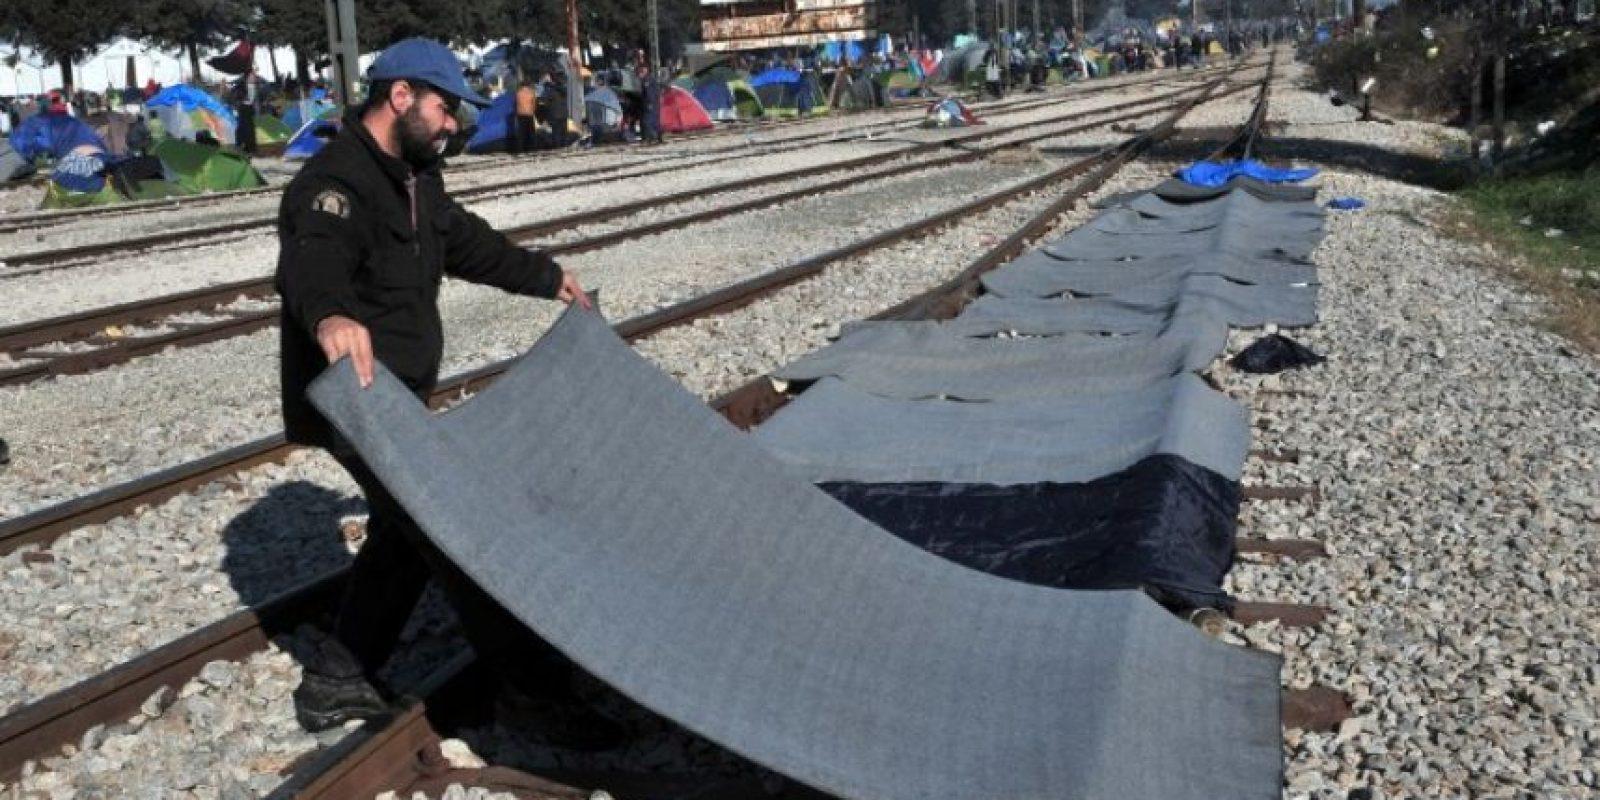 Situación distinta a la de Grecia. Foto:AFP